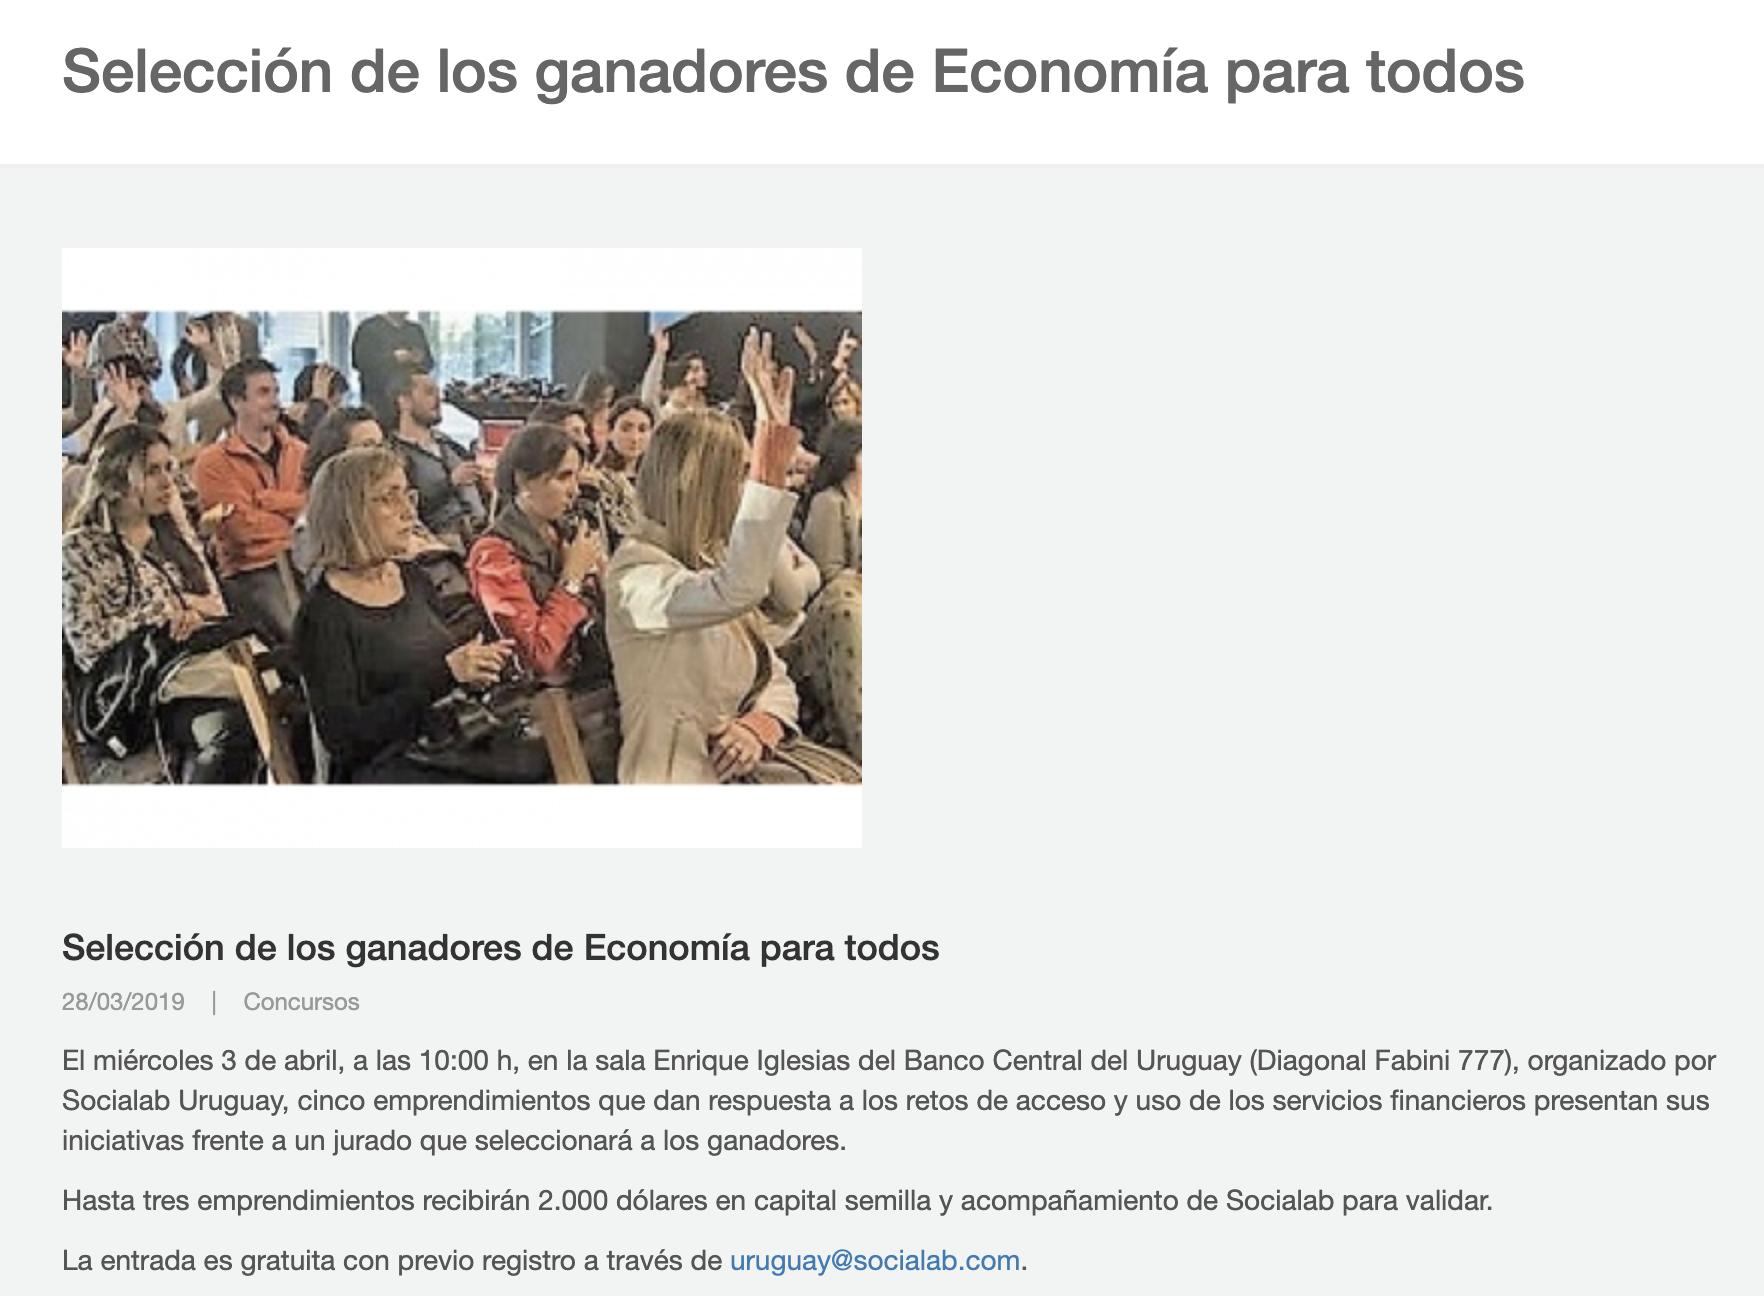 Selección de los ganadores de Economía para todos -